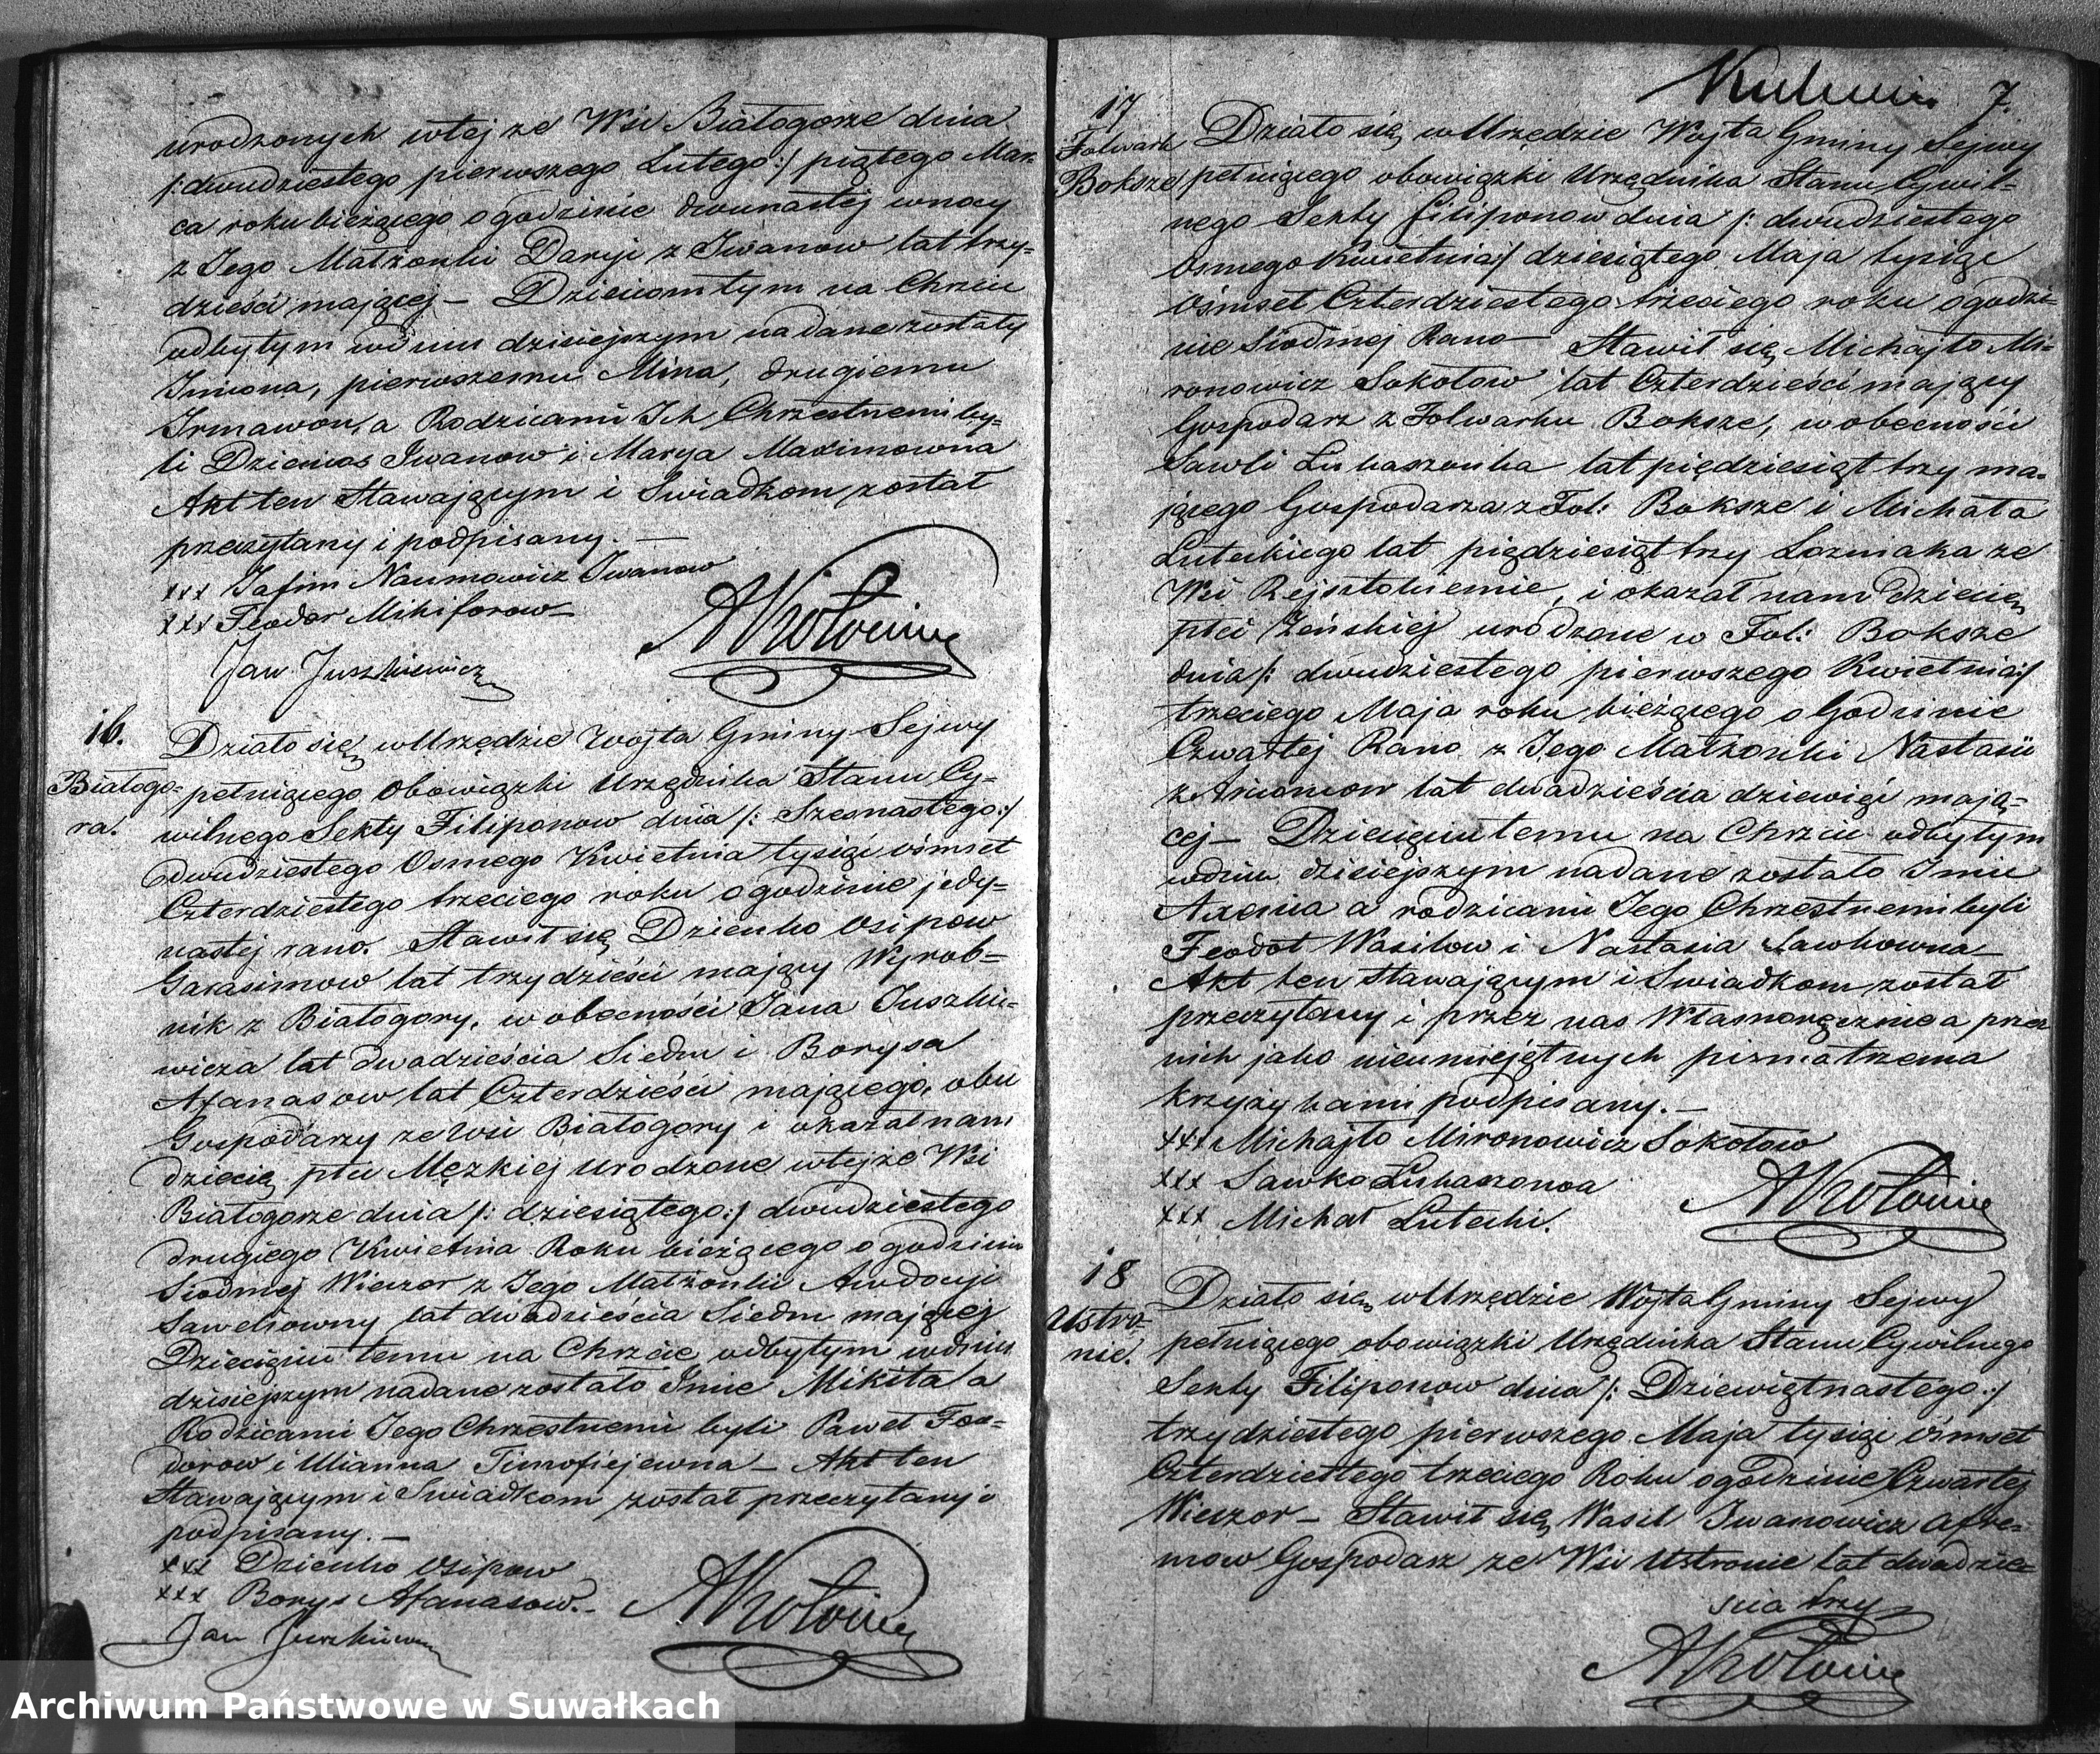 Skan z jednostki: Duplikat Akt Urodzonych Zejścia i Zaślubionych Sekty Filiponów w Gminie Sejwy Powiecie Sejneńskim Gubernii Augustowskiej z Roku 1843